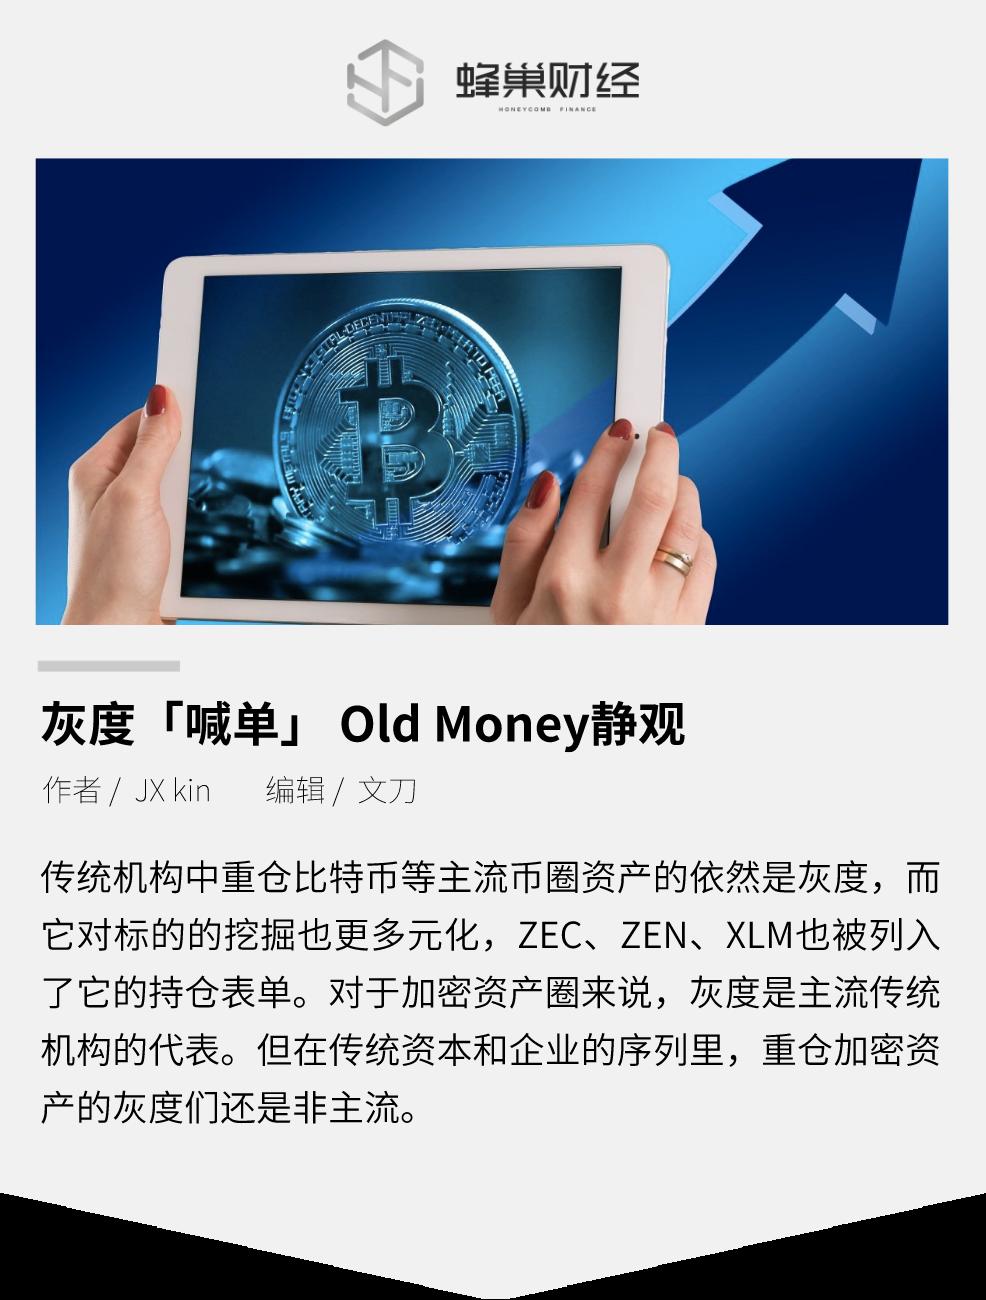 """灰度喊单""""竞争币"""",Old Money静观:大机构是否只爱比特币?"""